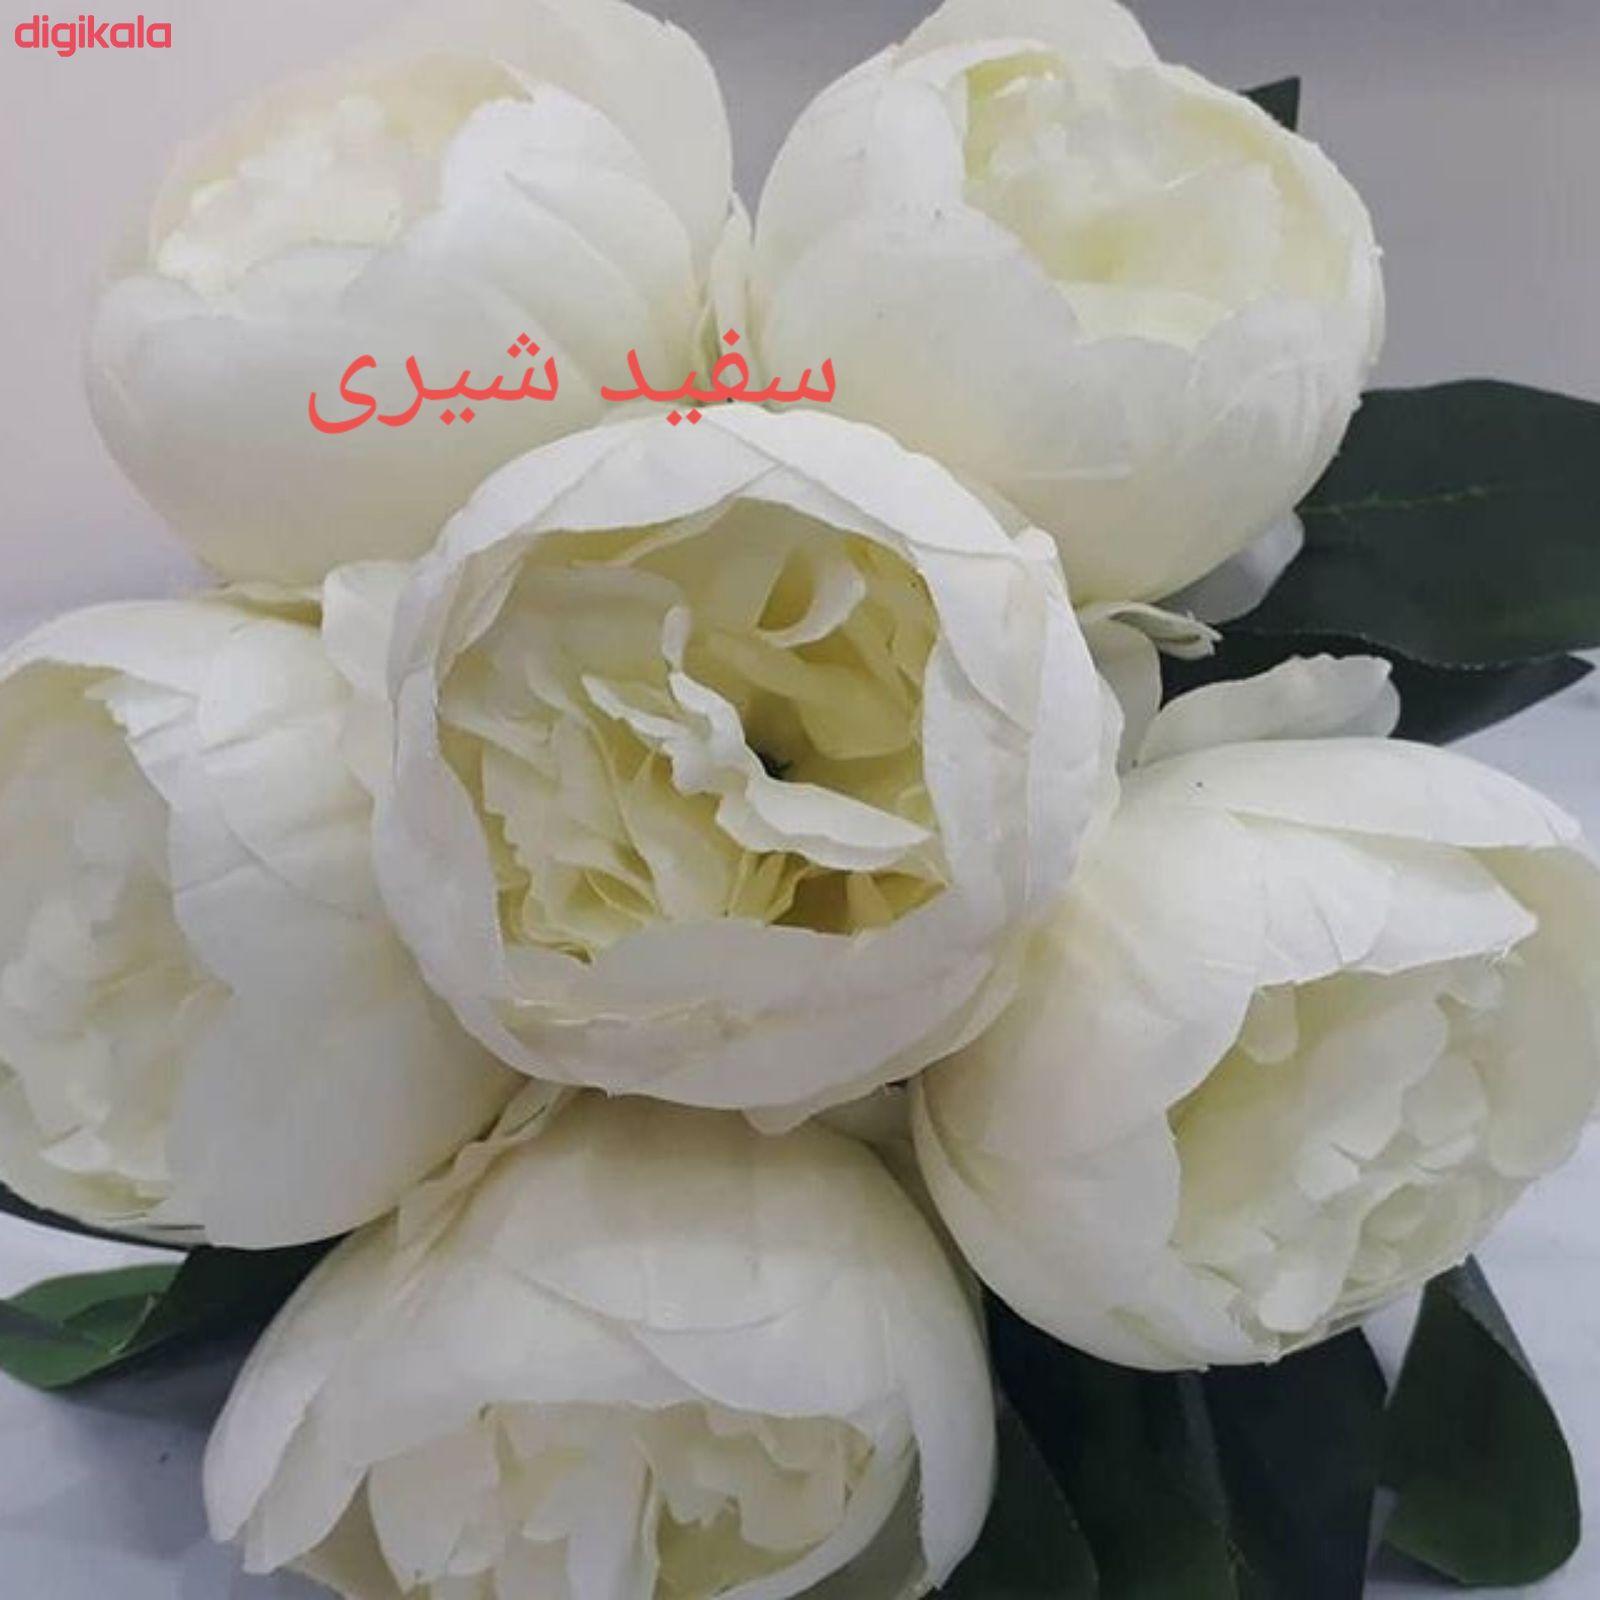 گل مصنوعی طرح پیونی کد pa0085 main 1 5